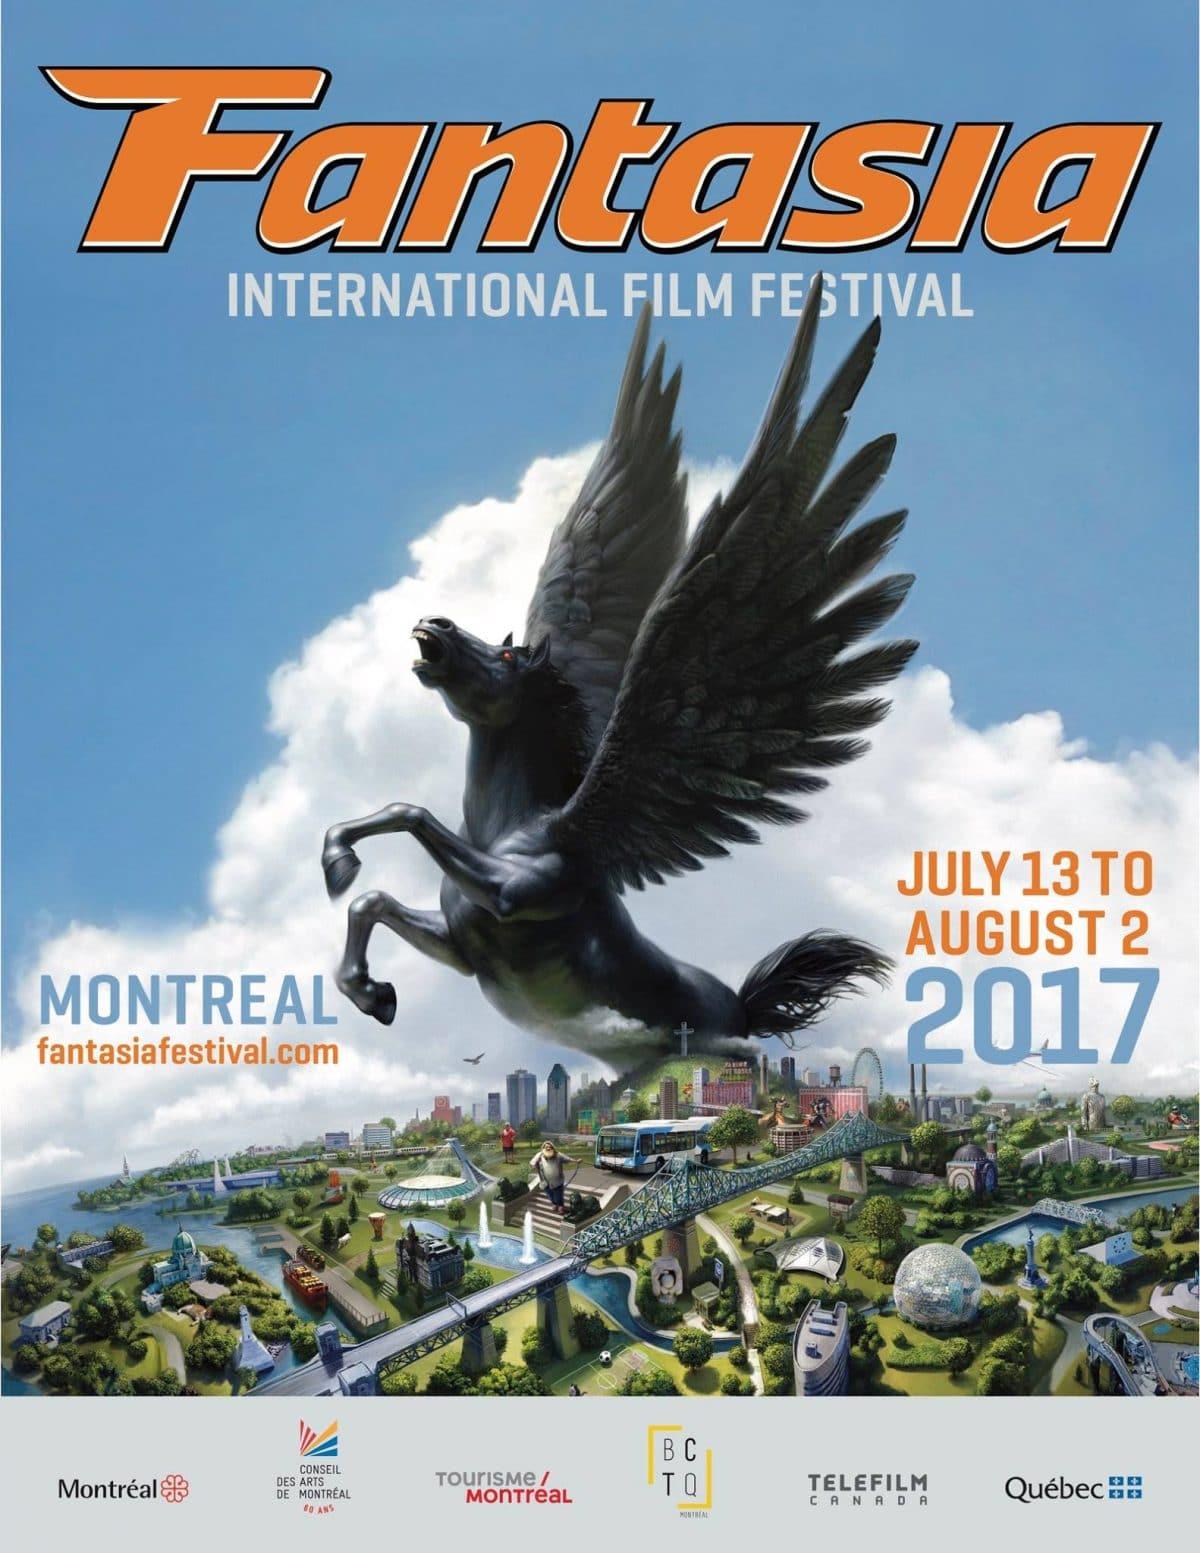 Fantasia2017 poster